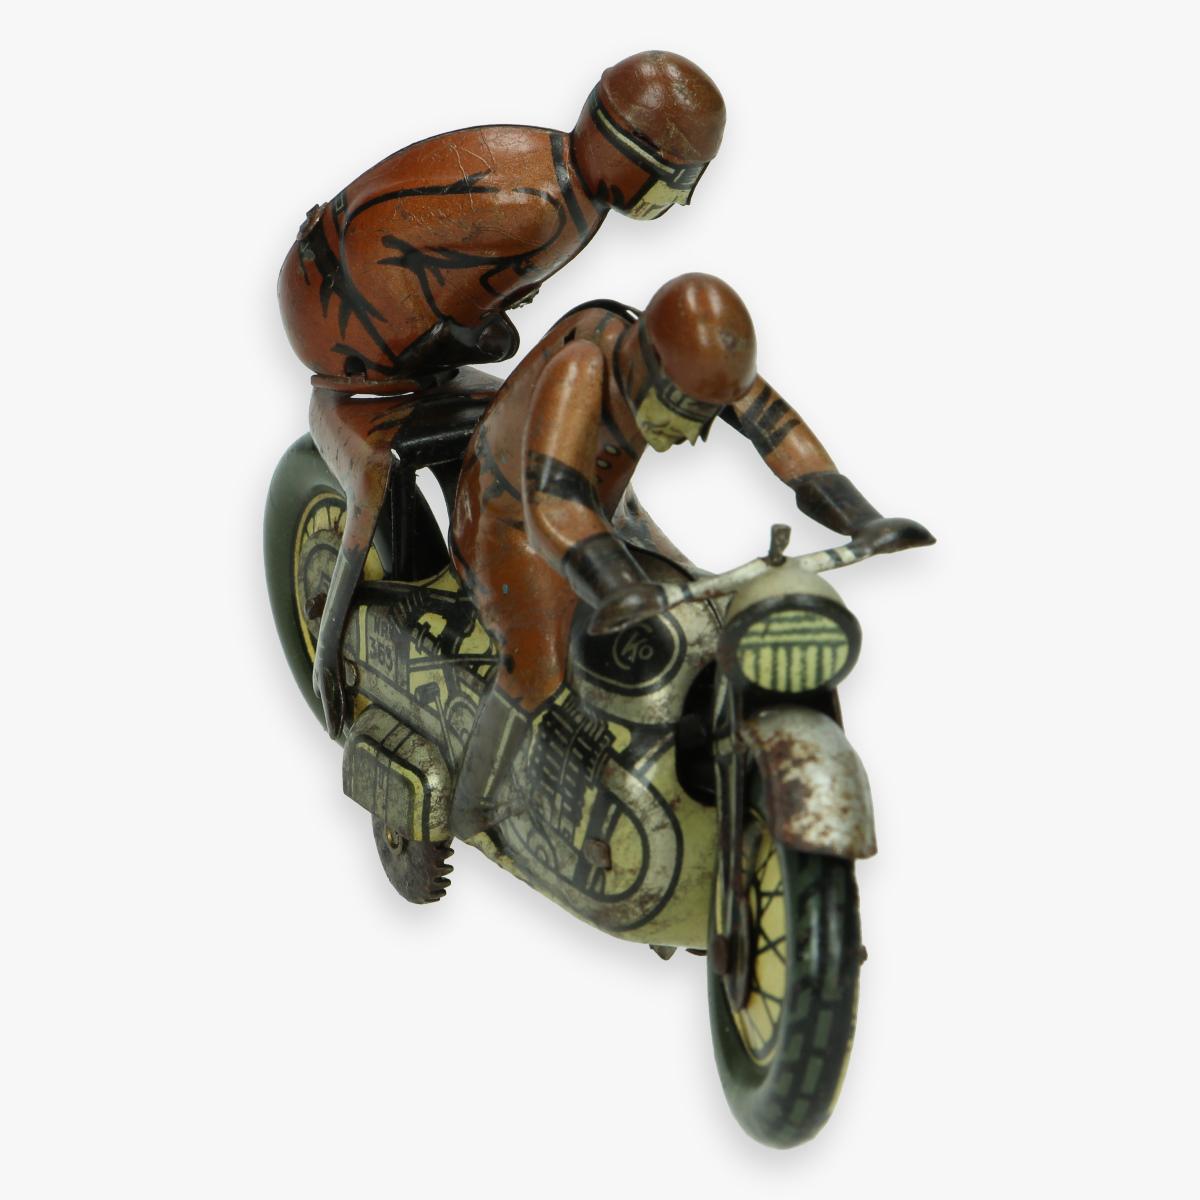 Afbeeldingen van kellerman sozuis cko jaren 30 tin toy motorcycle nr 353 military zeer zeldzaam